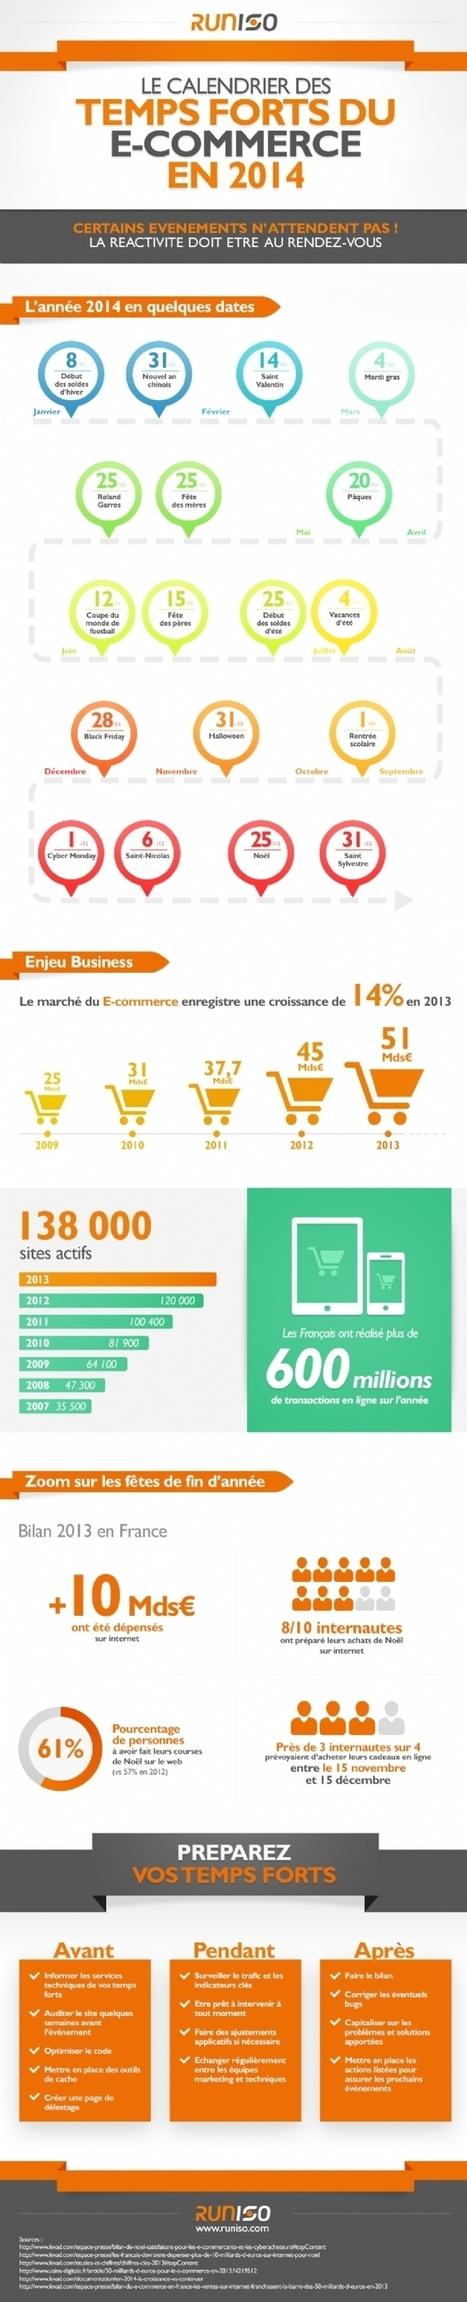 Infographie | Calendrier des temps forts de l'e-commerce | Communication Globale | Scoop.it